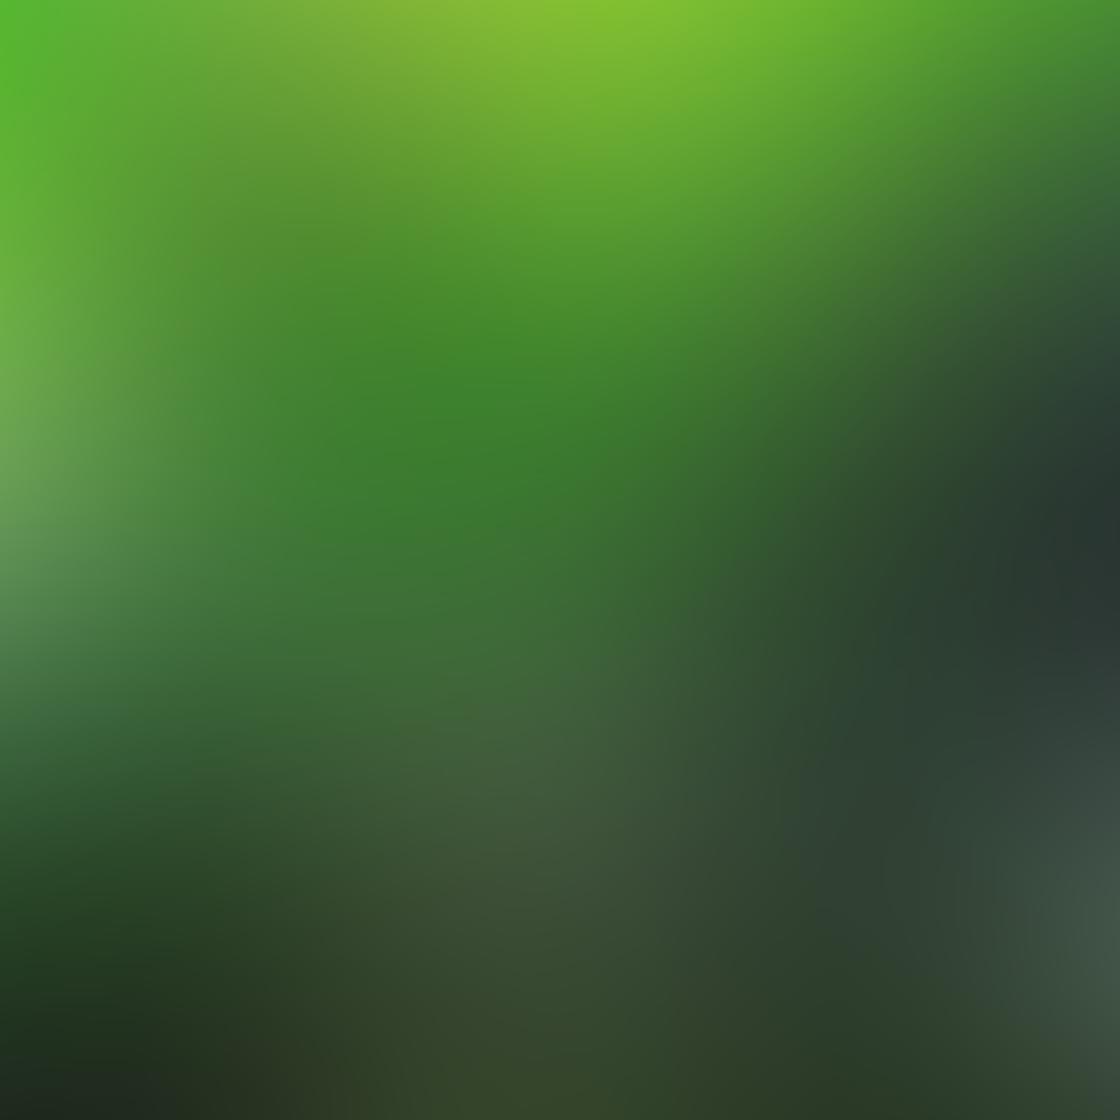 Green iPhone Photos 5